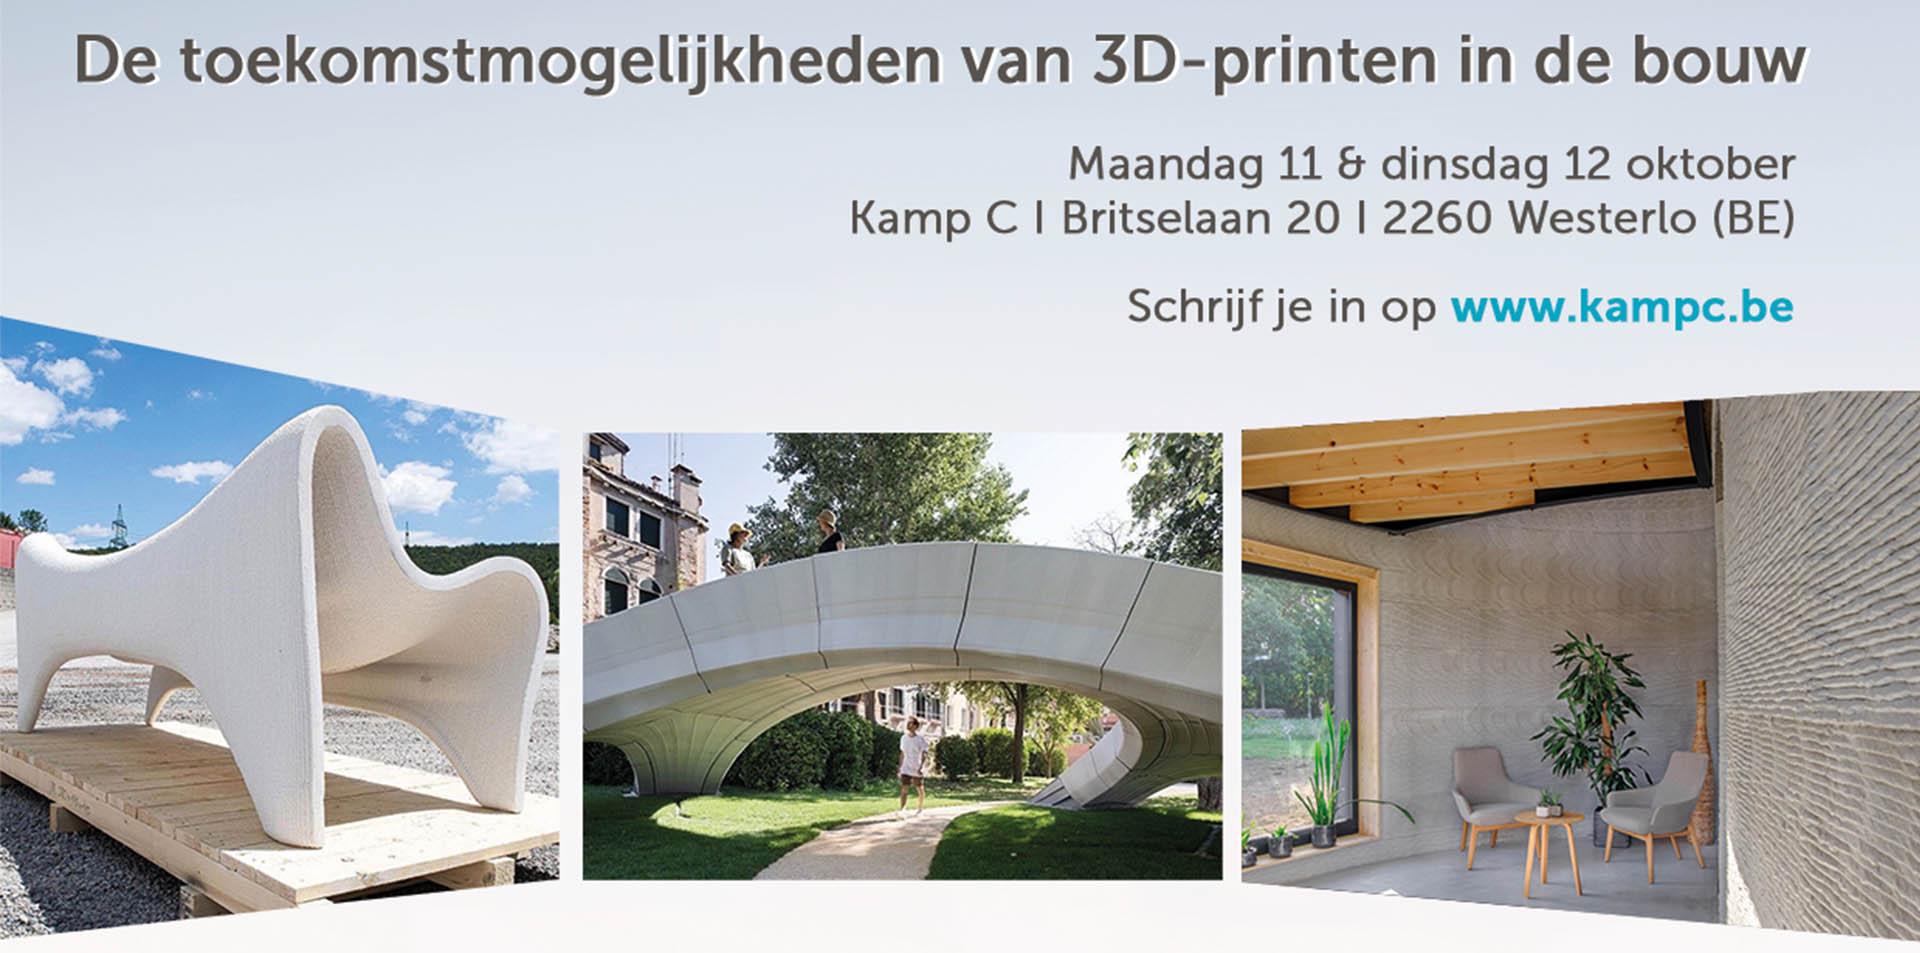 Kamp C: event 3D-printen in de bouw